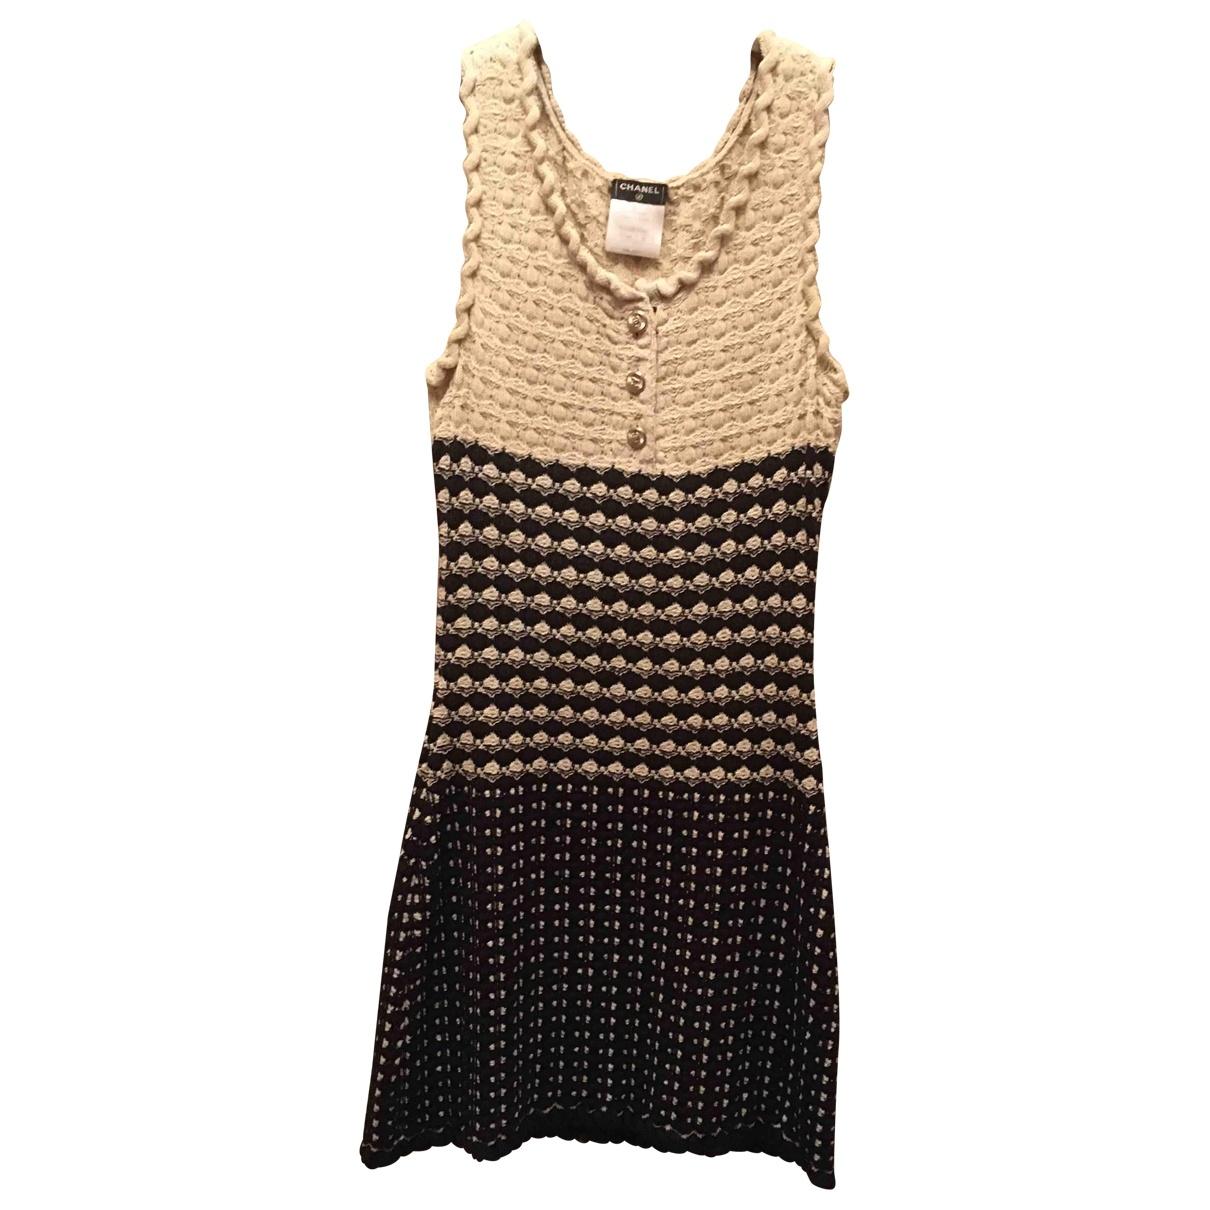 Chanel \N Beige dress for Women 36 FR